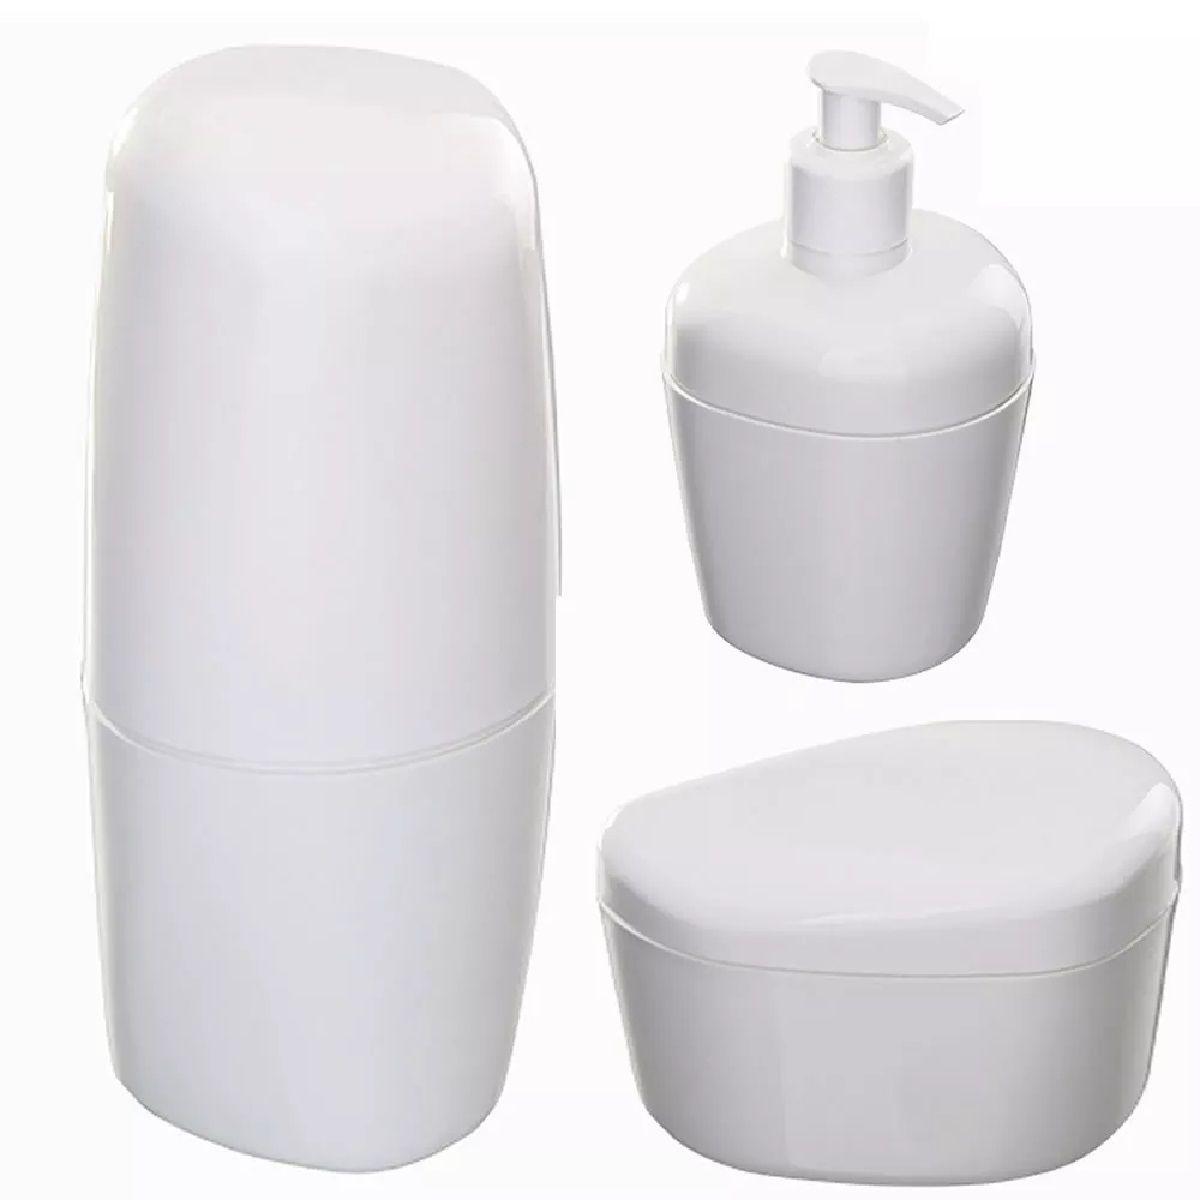 Acessórios para Banheiro 3 peças Branco